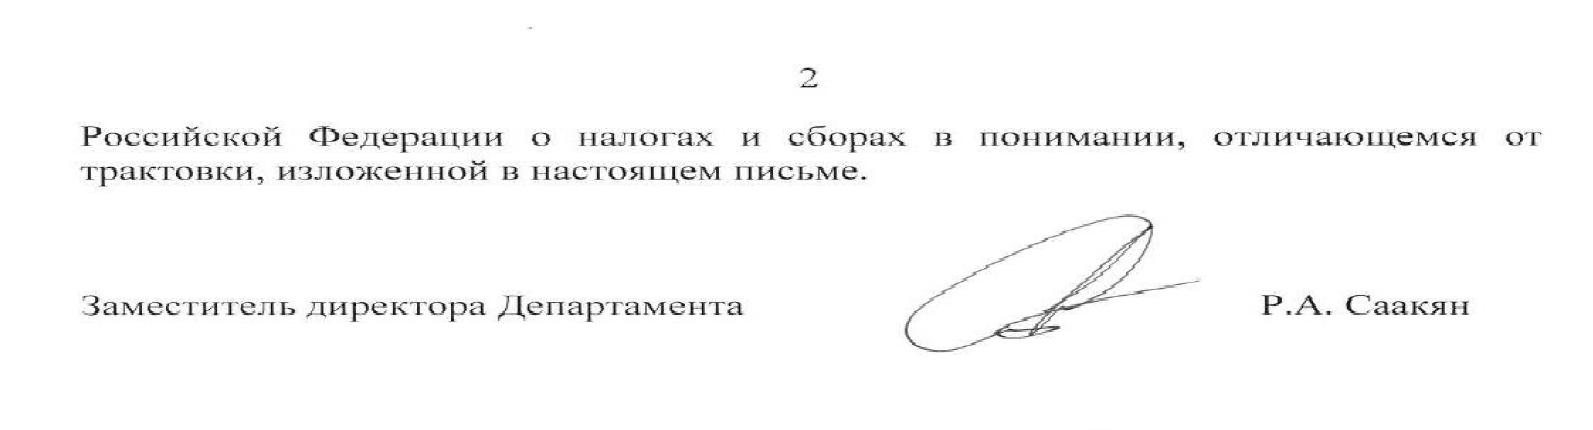 письмо Минфина от 11.03.2019 № 03-11-11/15310